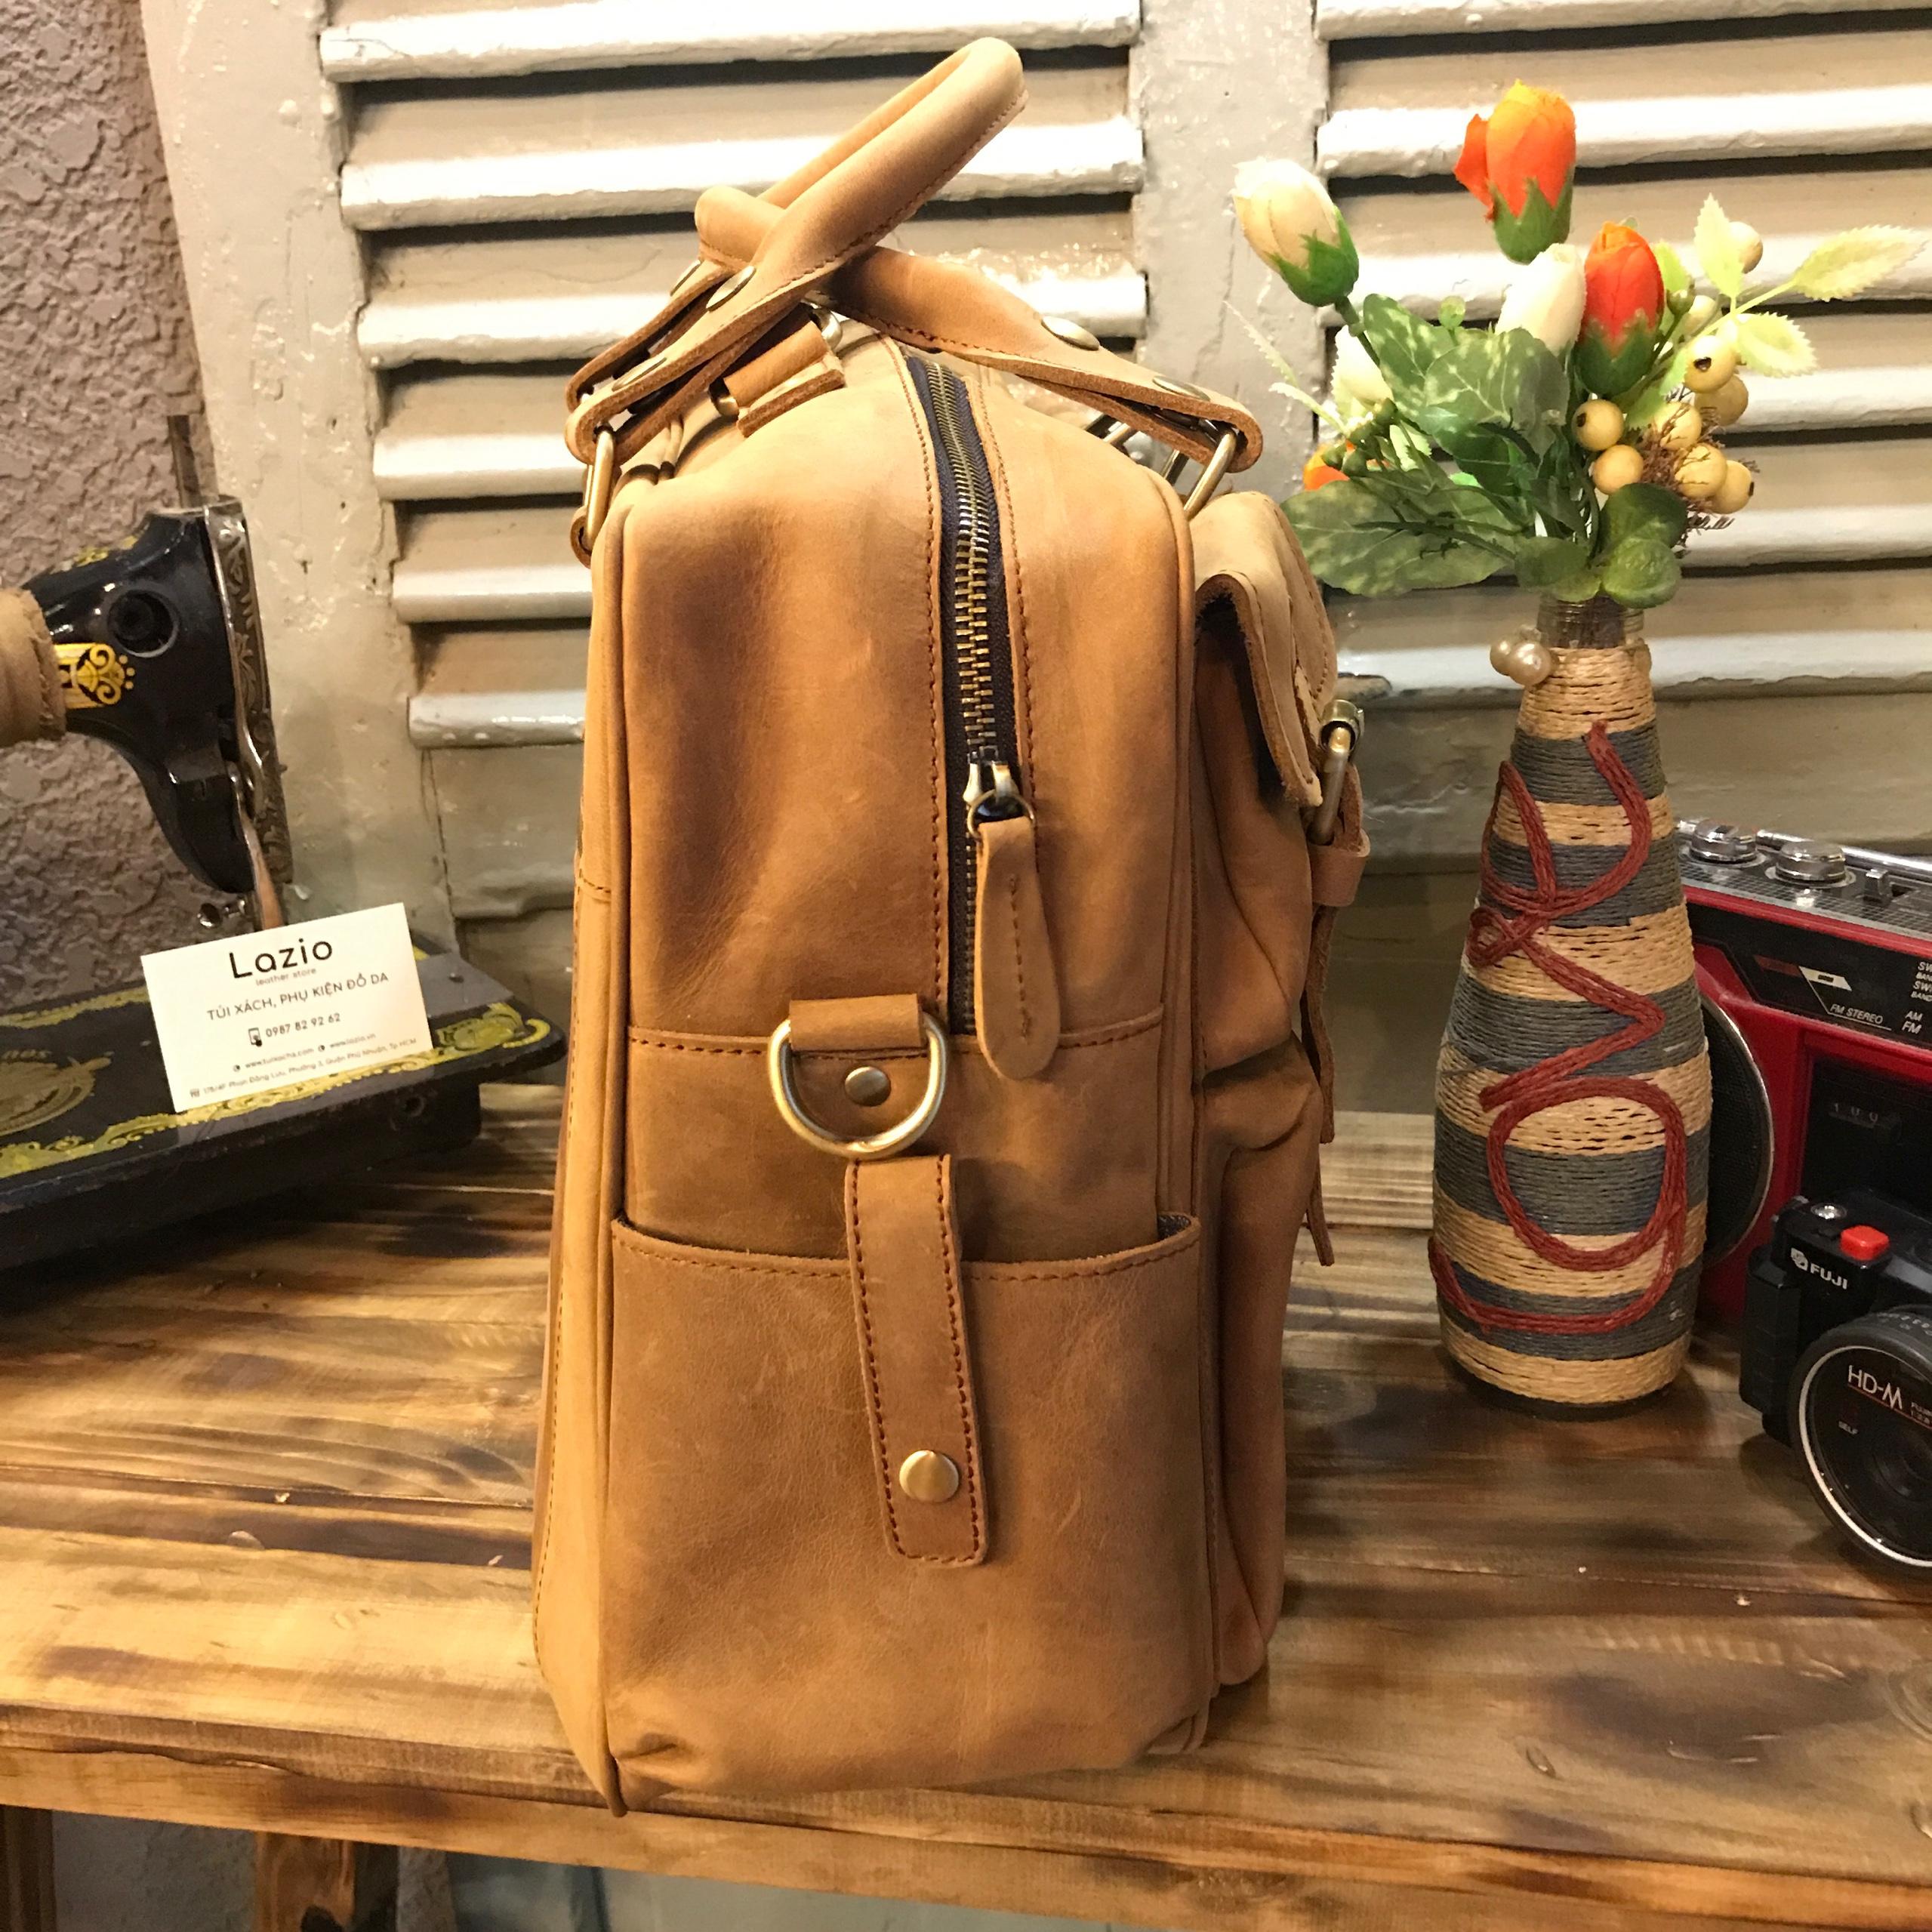 Túi xách laptop da bò 528 thích hợp công sở đi làm, hội họp, công tác